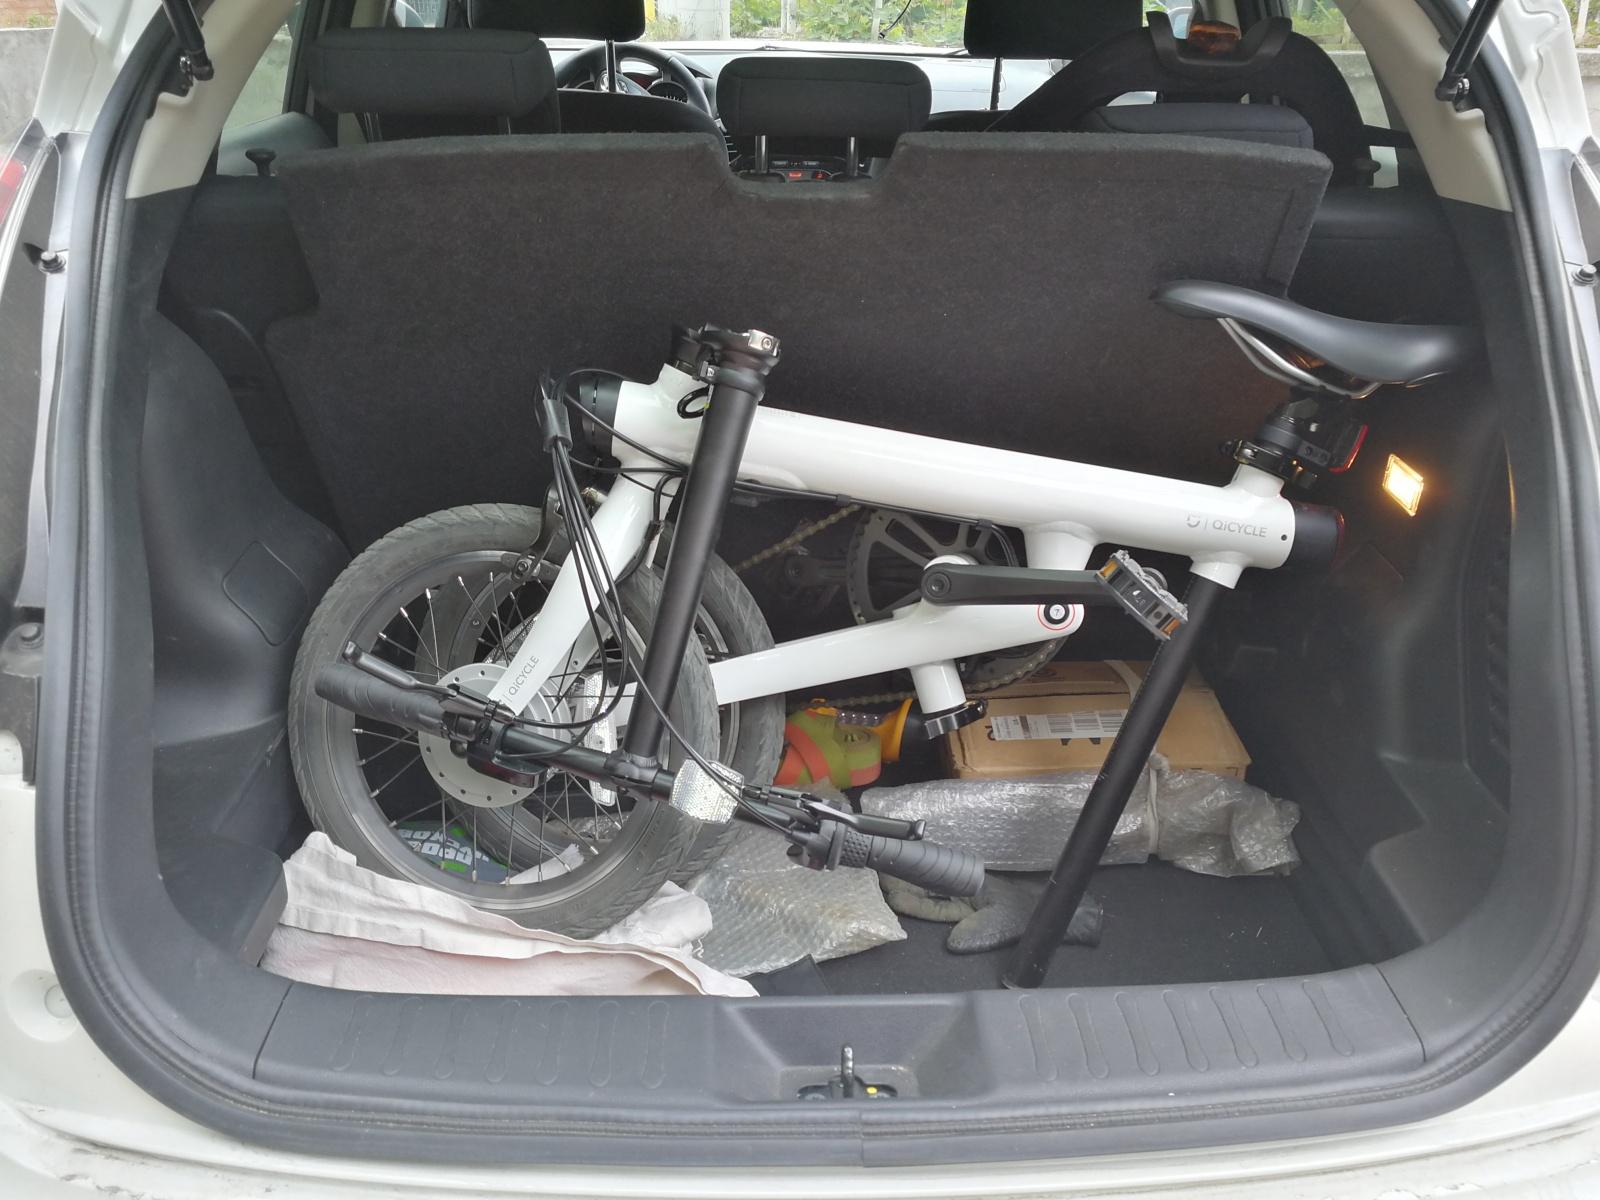 Велосипед для гика — электрический, складной, умный - 5